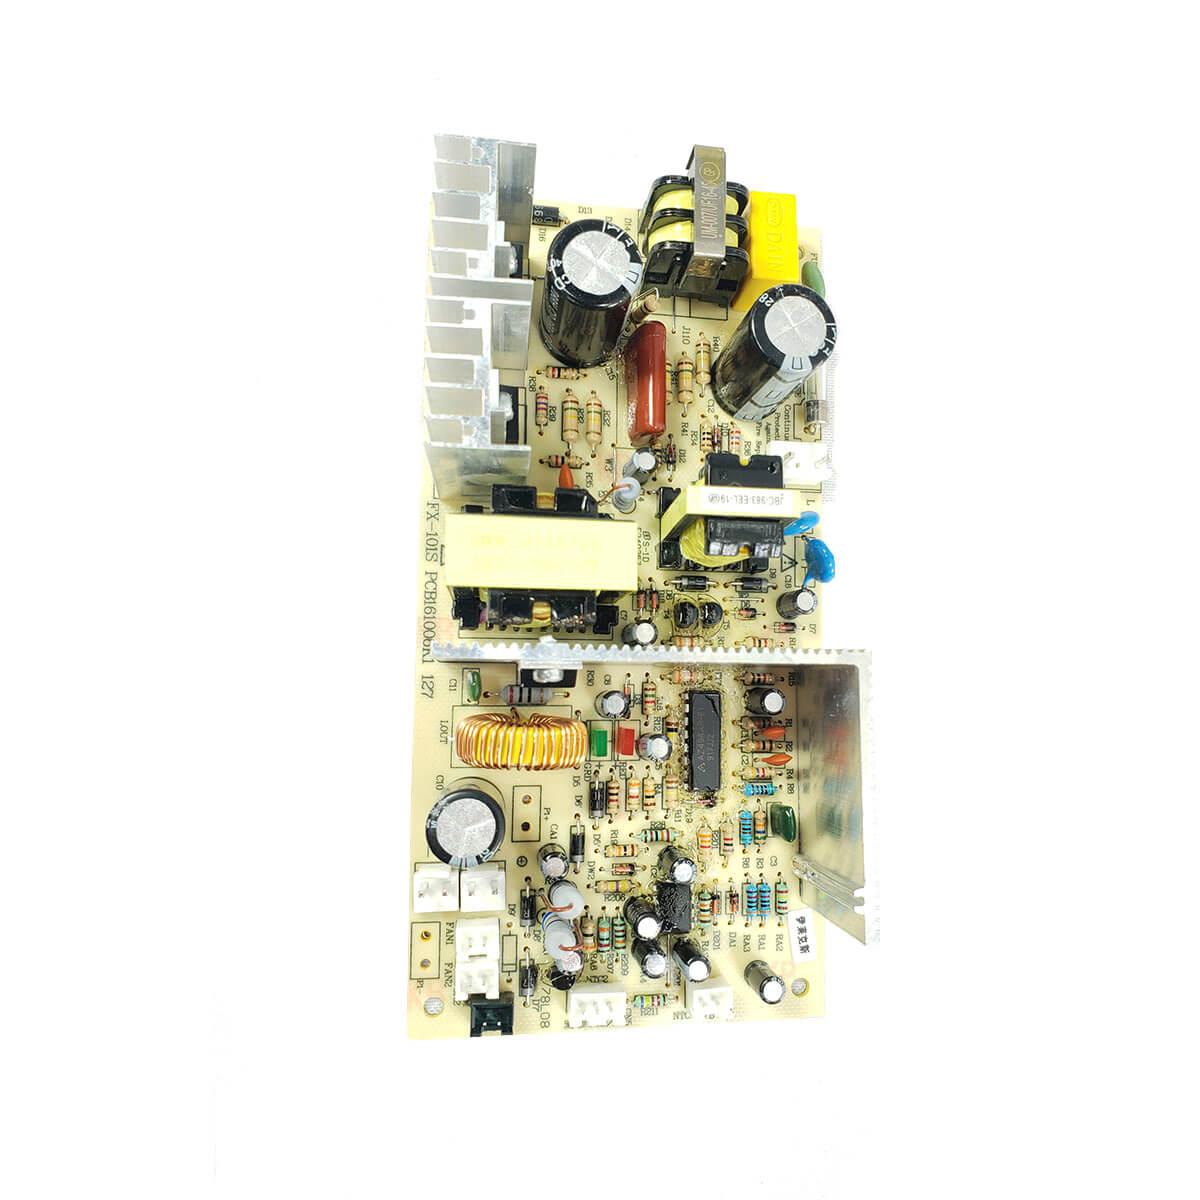 Placa De Potência Para Adega Acs12 Electrolux 127V - 41310139